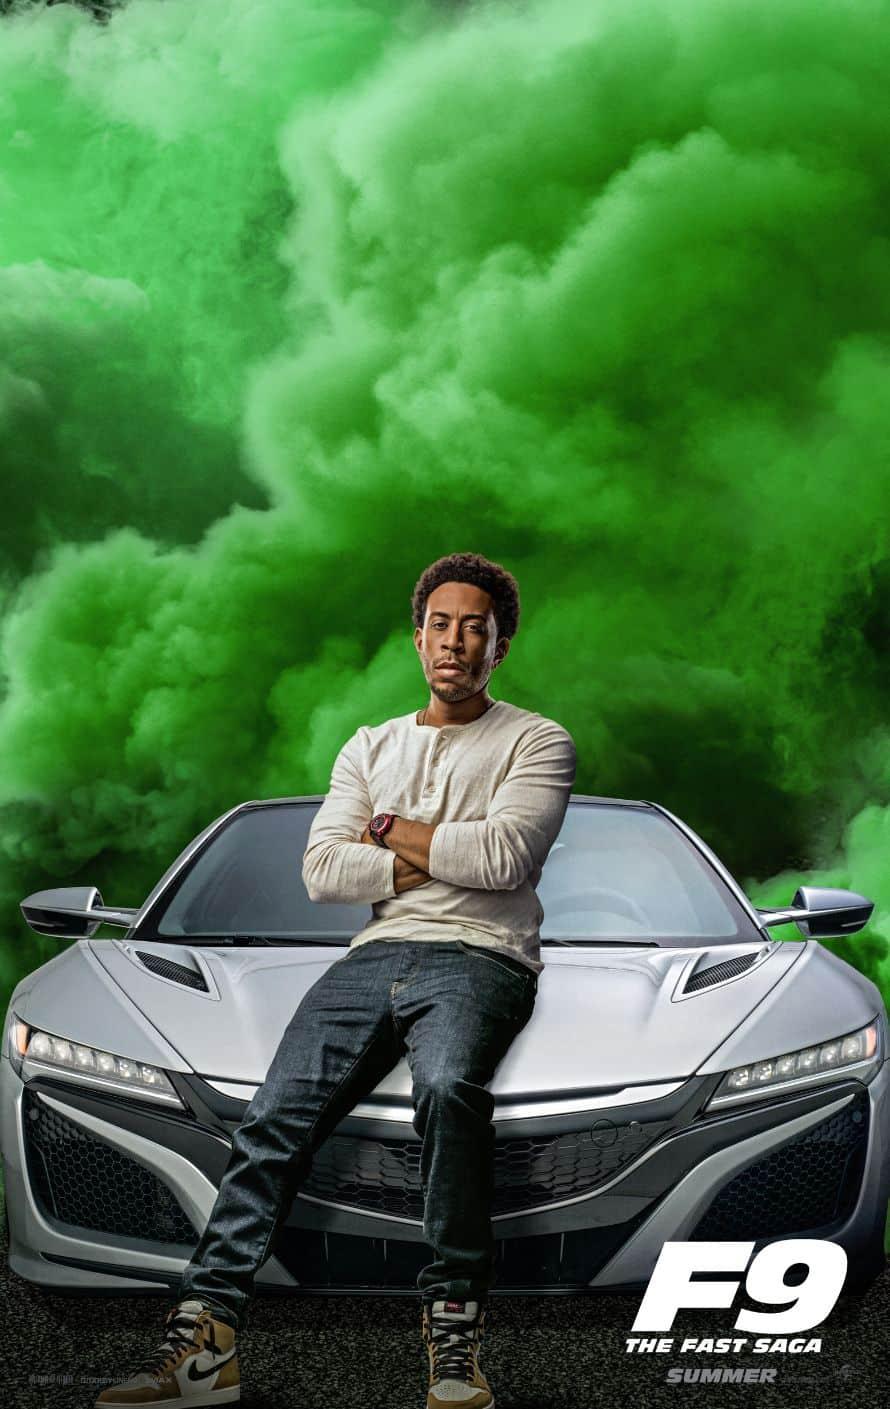 Fast and Furious Vin Diesel Ludacris